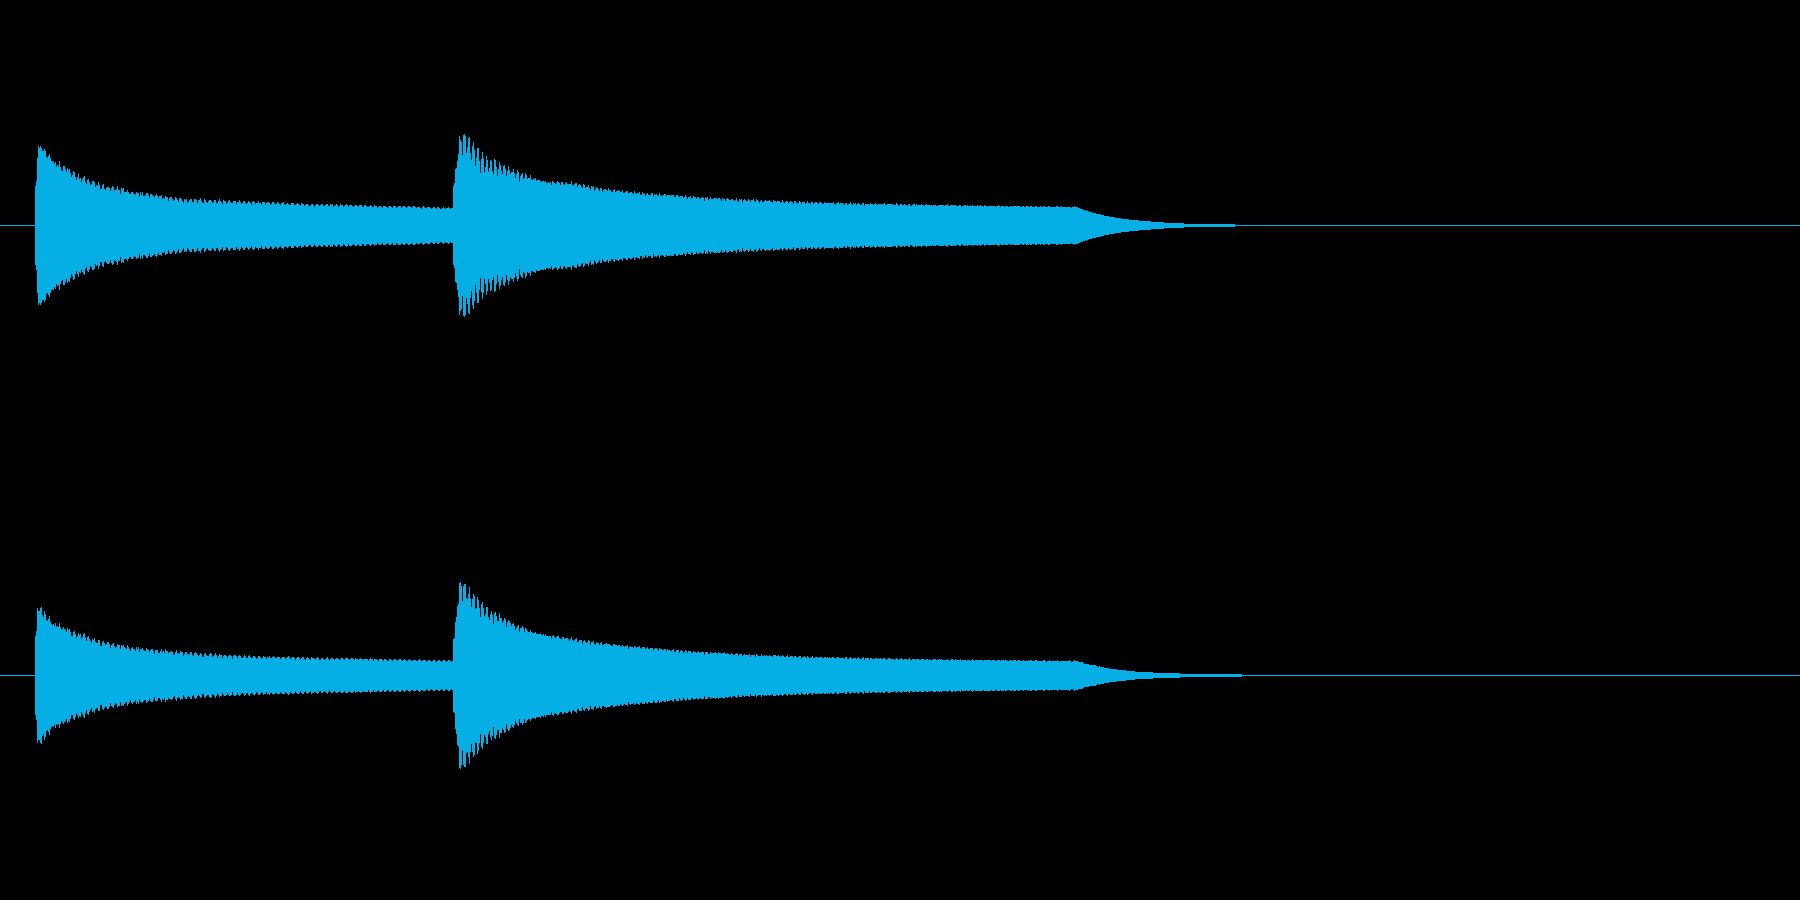 ピーンポンという鐘のチャイム音の再生済みの波形